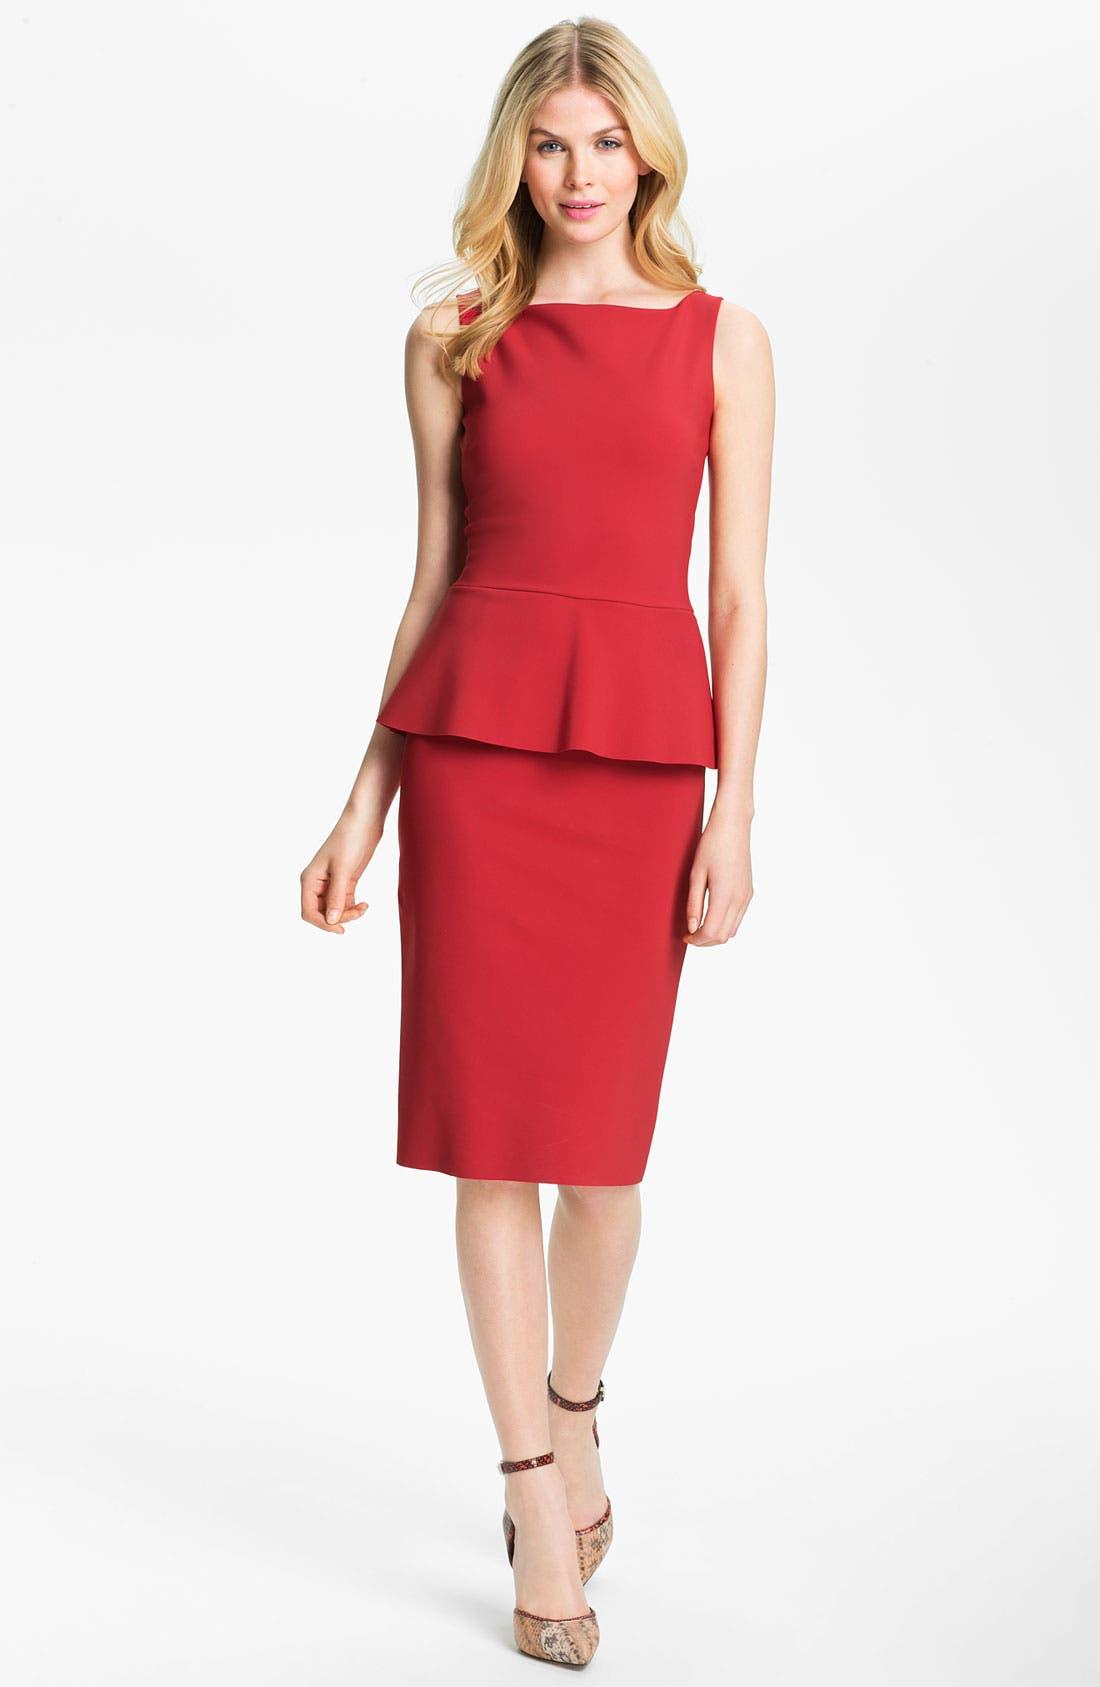 Main Image - La Petite Robe by Chiara Boni Sleeveless Peplum Sheath Dress